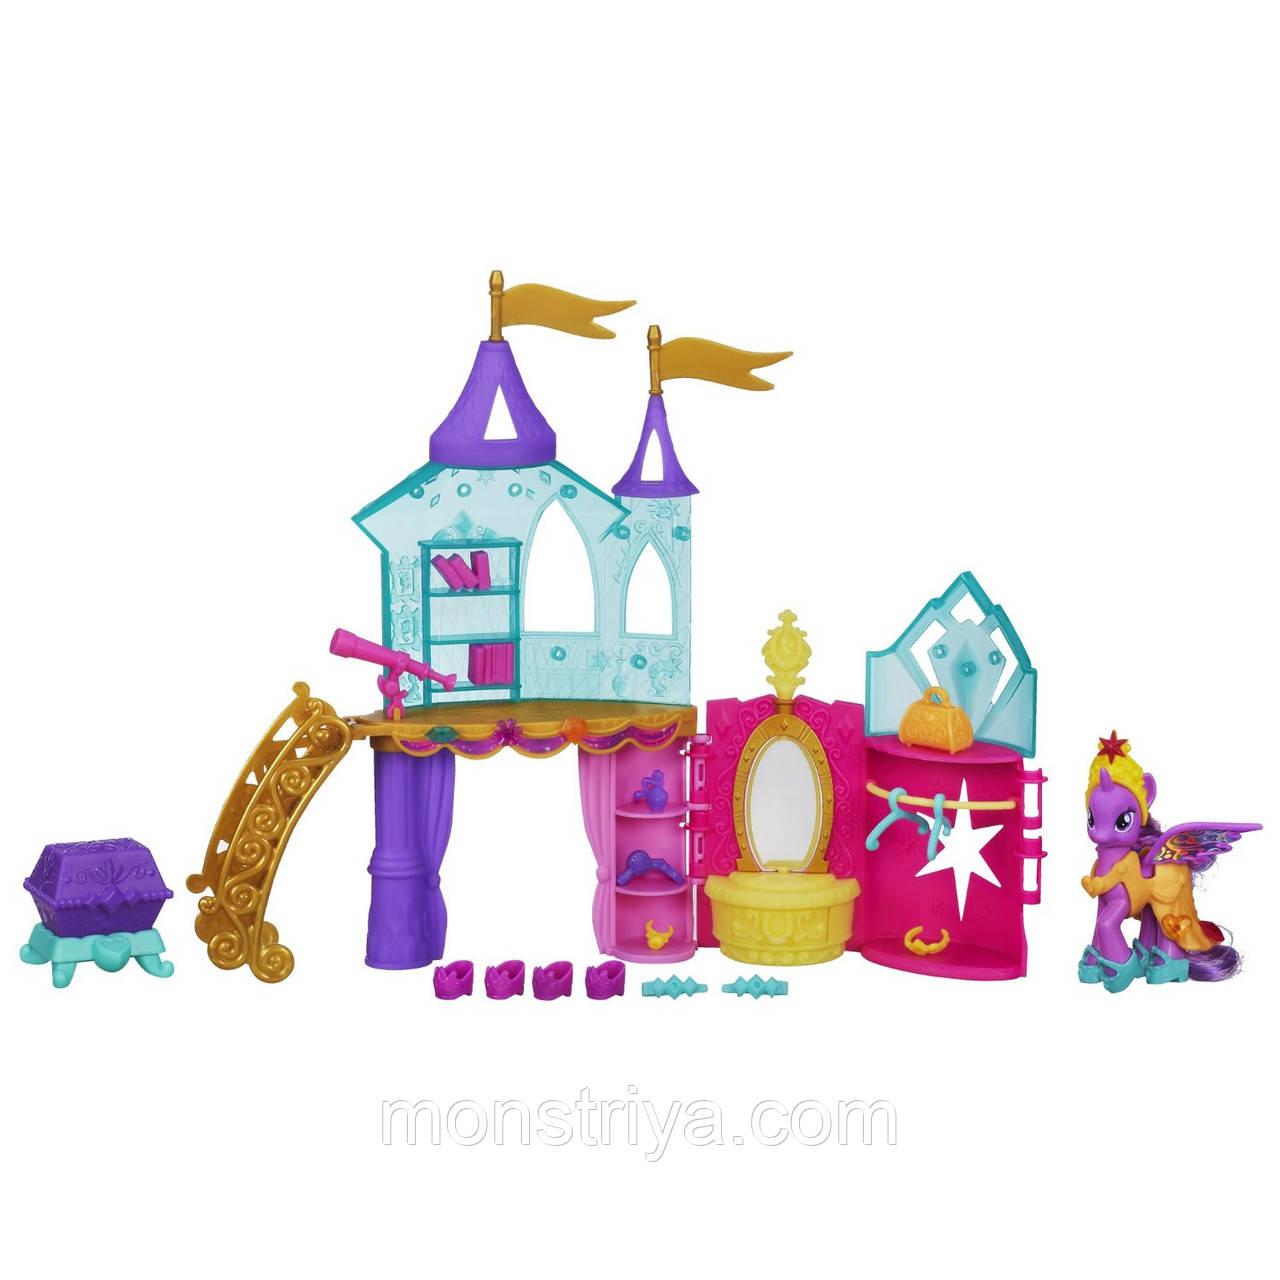 """My Little Pony Игровой набор """"Кристальный замок"""" с пони Twilight Sparkle от Hasbro"""